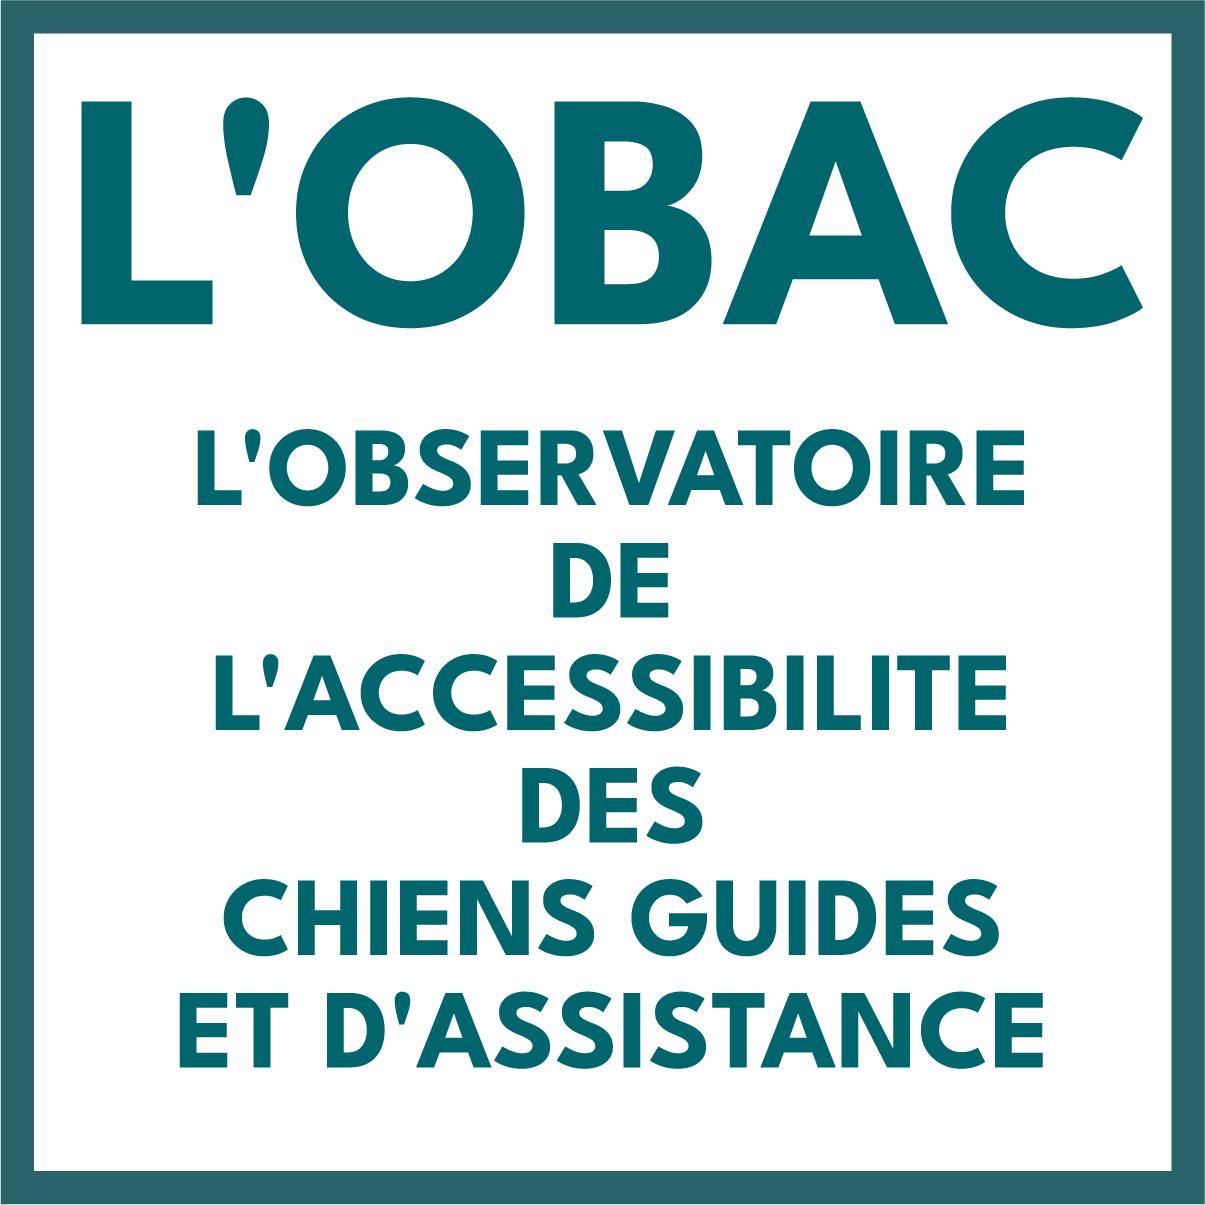 Fini les refus d'accès ! Inauguration du 1er observatoire de l'accessibilité des chiens guides - d'assistance (OBAC)